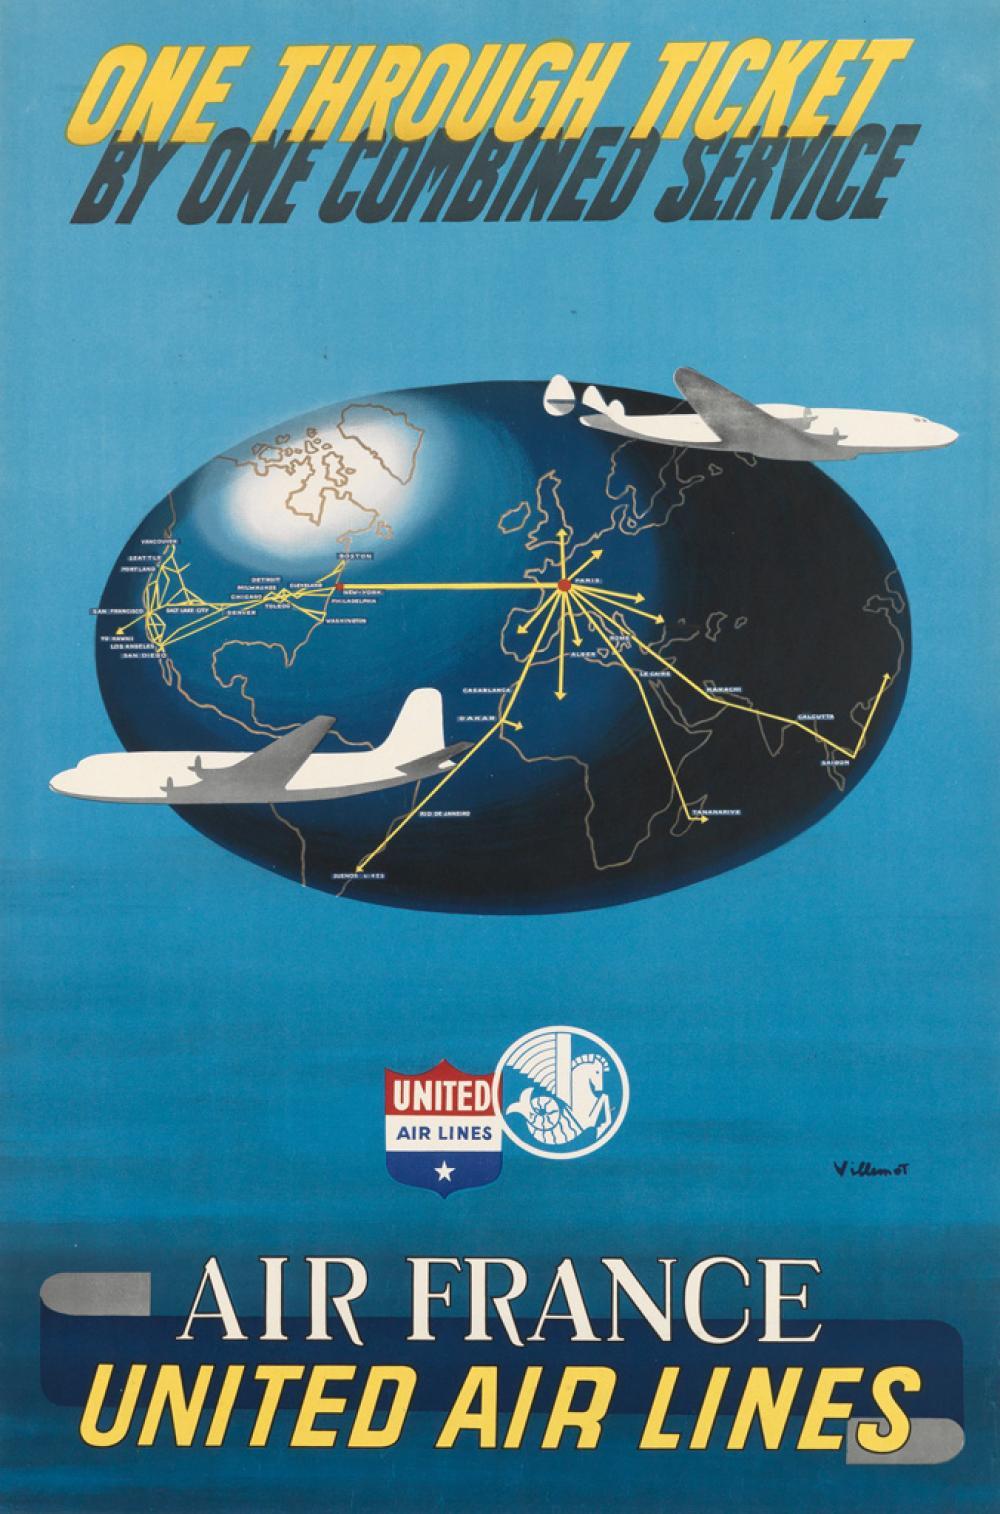 BERNARD VILLEMOT (1911-1989). AIR FRANCE / UNITED AIR LINES. 1949. 37x24 inches, 95x62 cm. [H. Baile, Paris.]